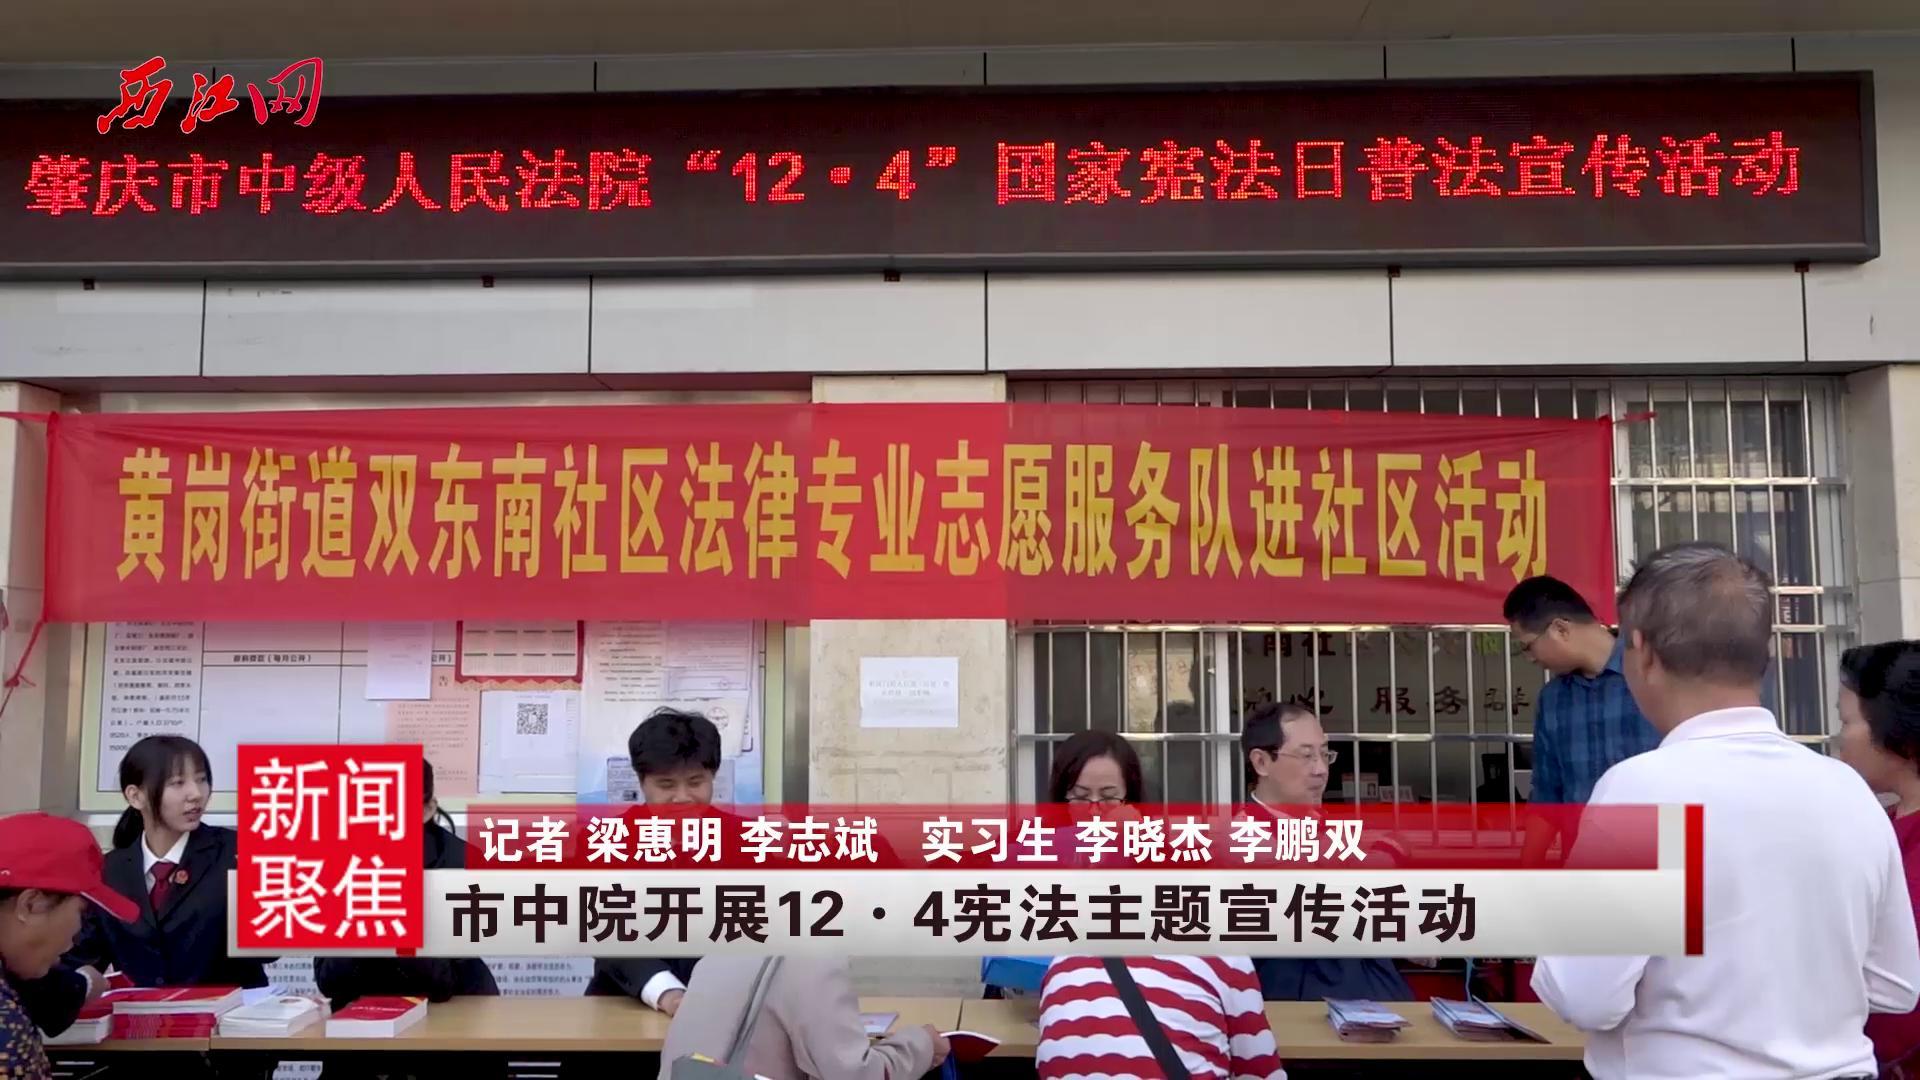 市中院開展12.4憲法主題宣傳活動